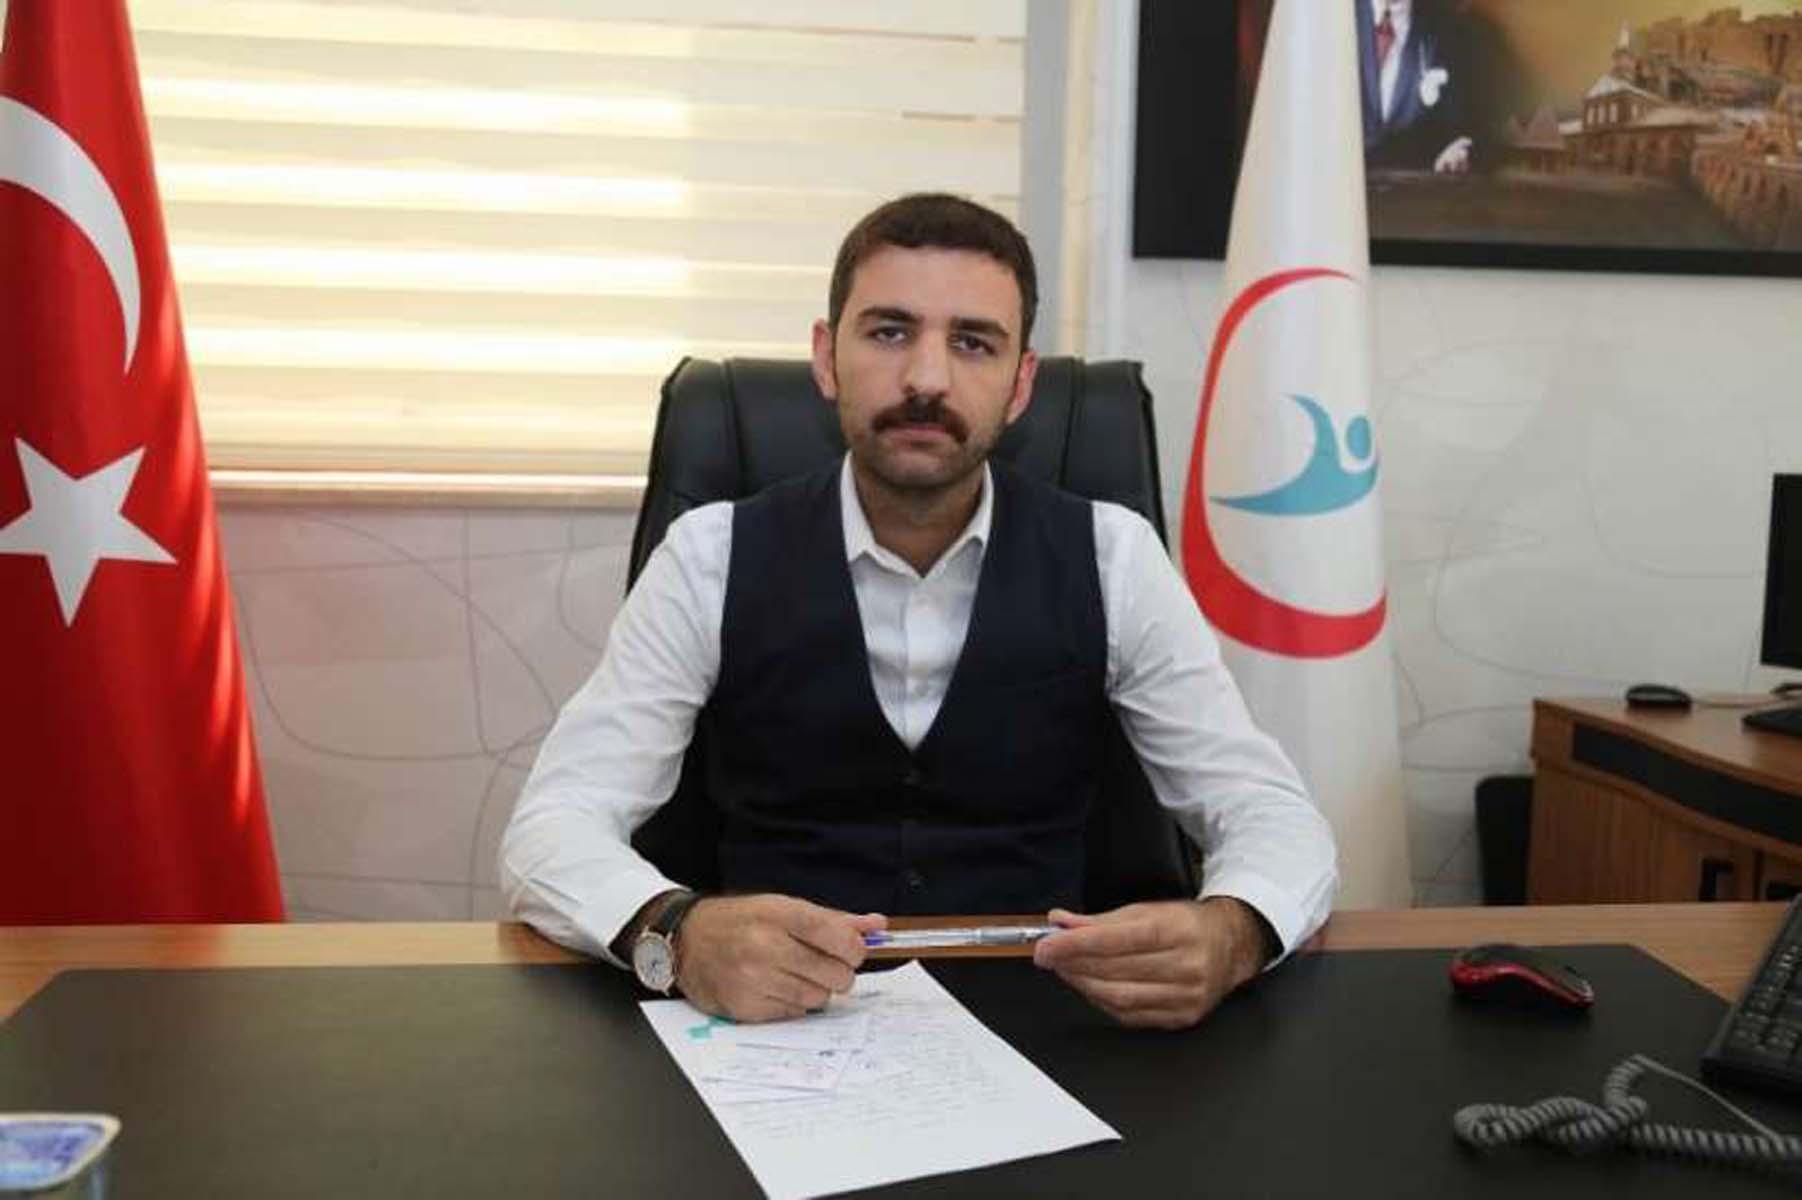 Koronavirüs salgınıyla pençeleşen Diyarbakır'dan güzel haber! Vaka sayıları düştü, yoğun bakımdaki hasta sayısı azalmaya başladı